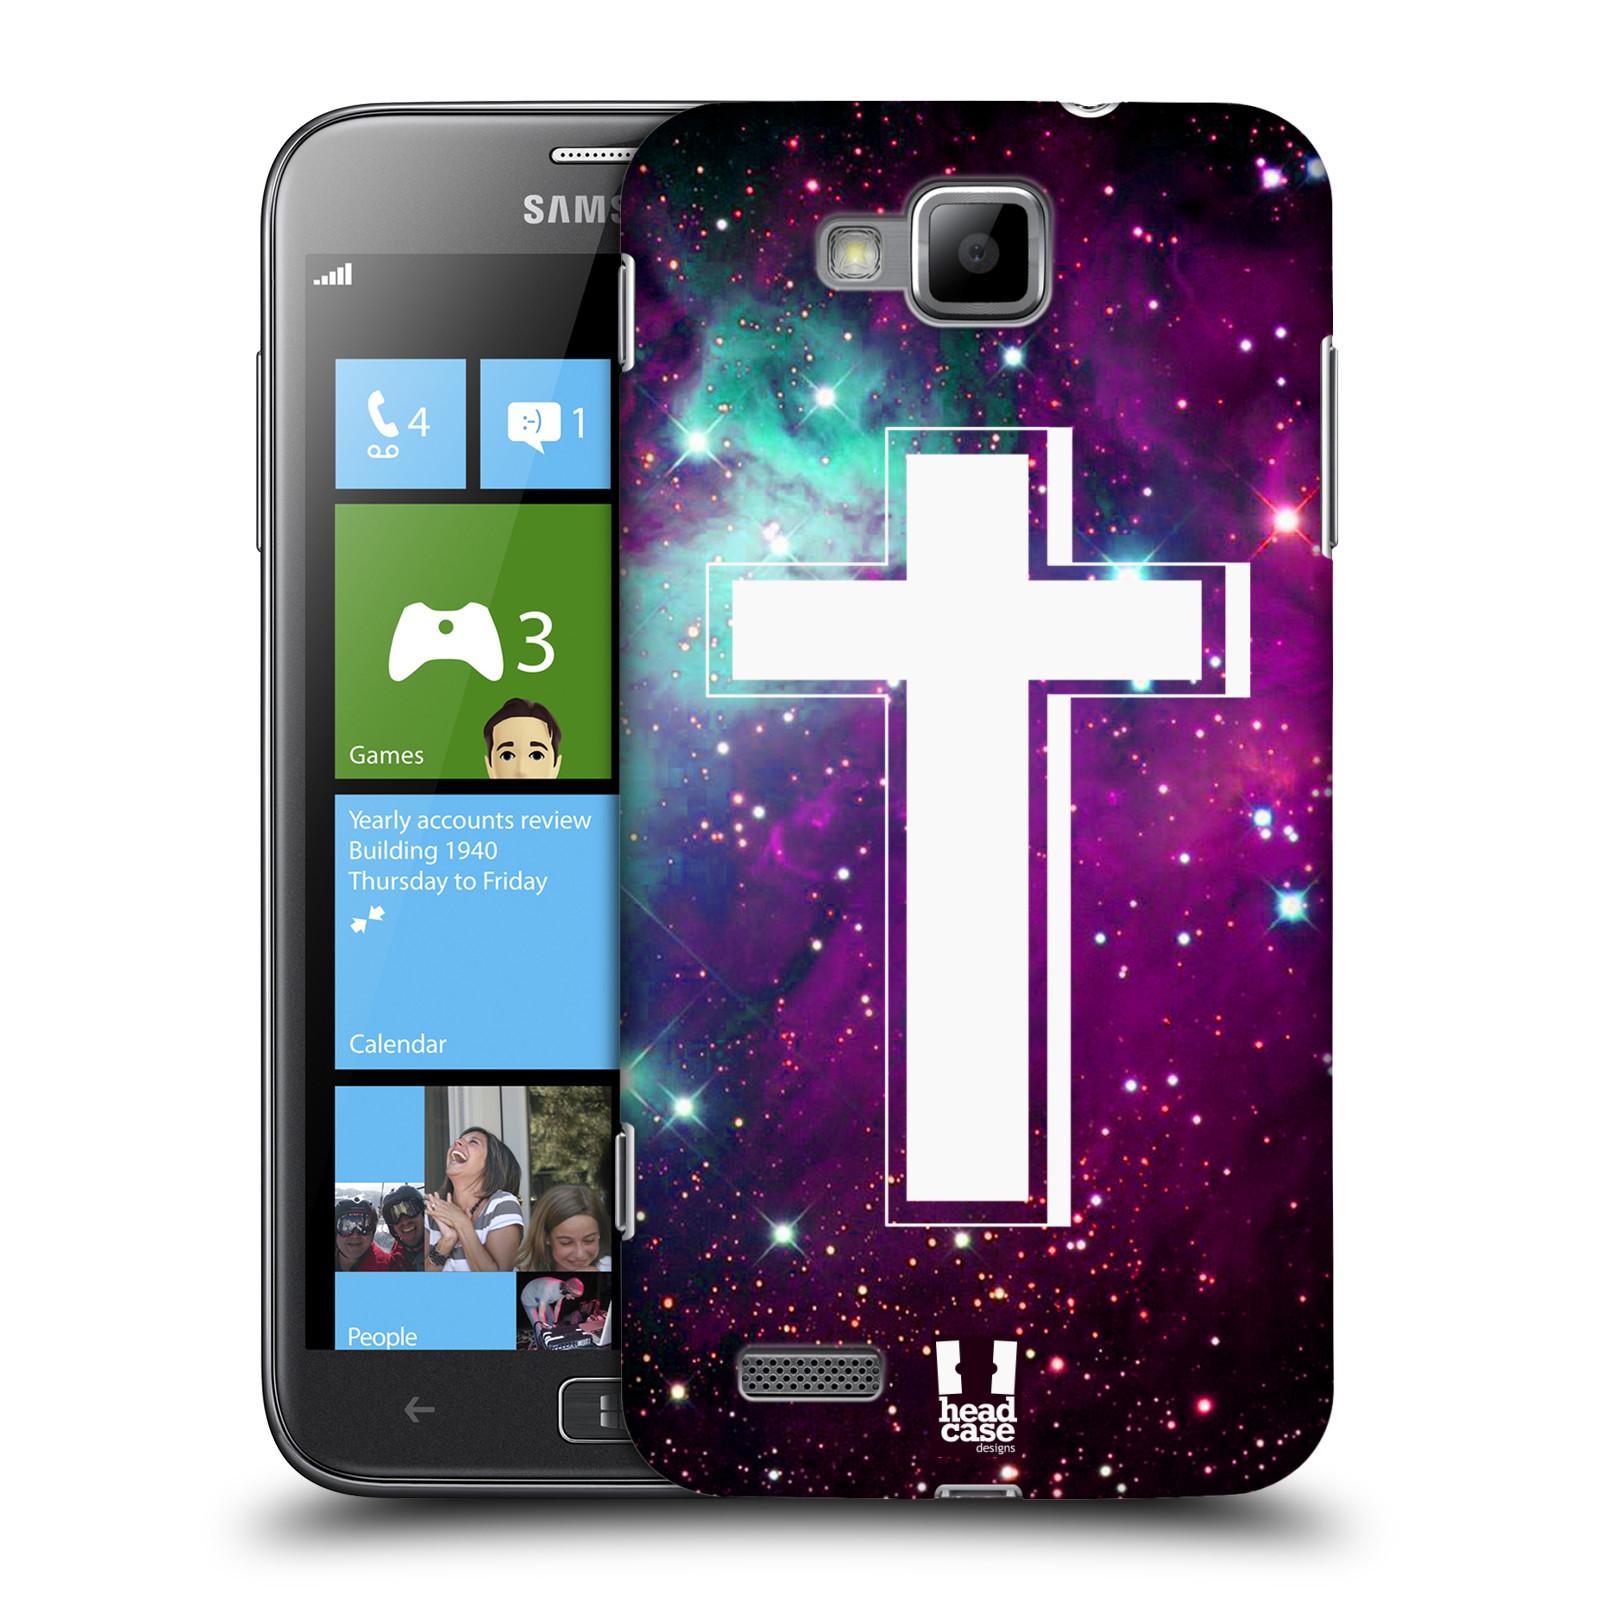 HEAD CASE plastový obal na mobil Samsung ATIV S vzor Kříž Cross MLHOVINA FIALOVÁ